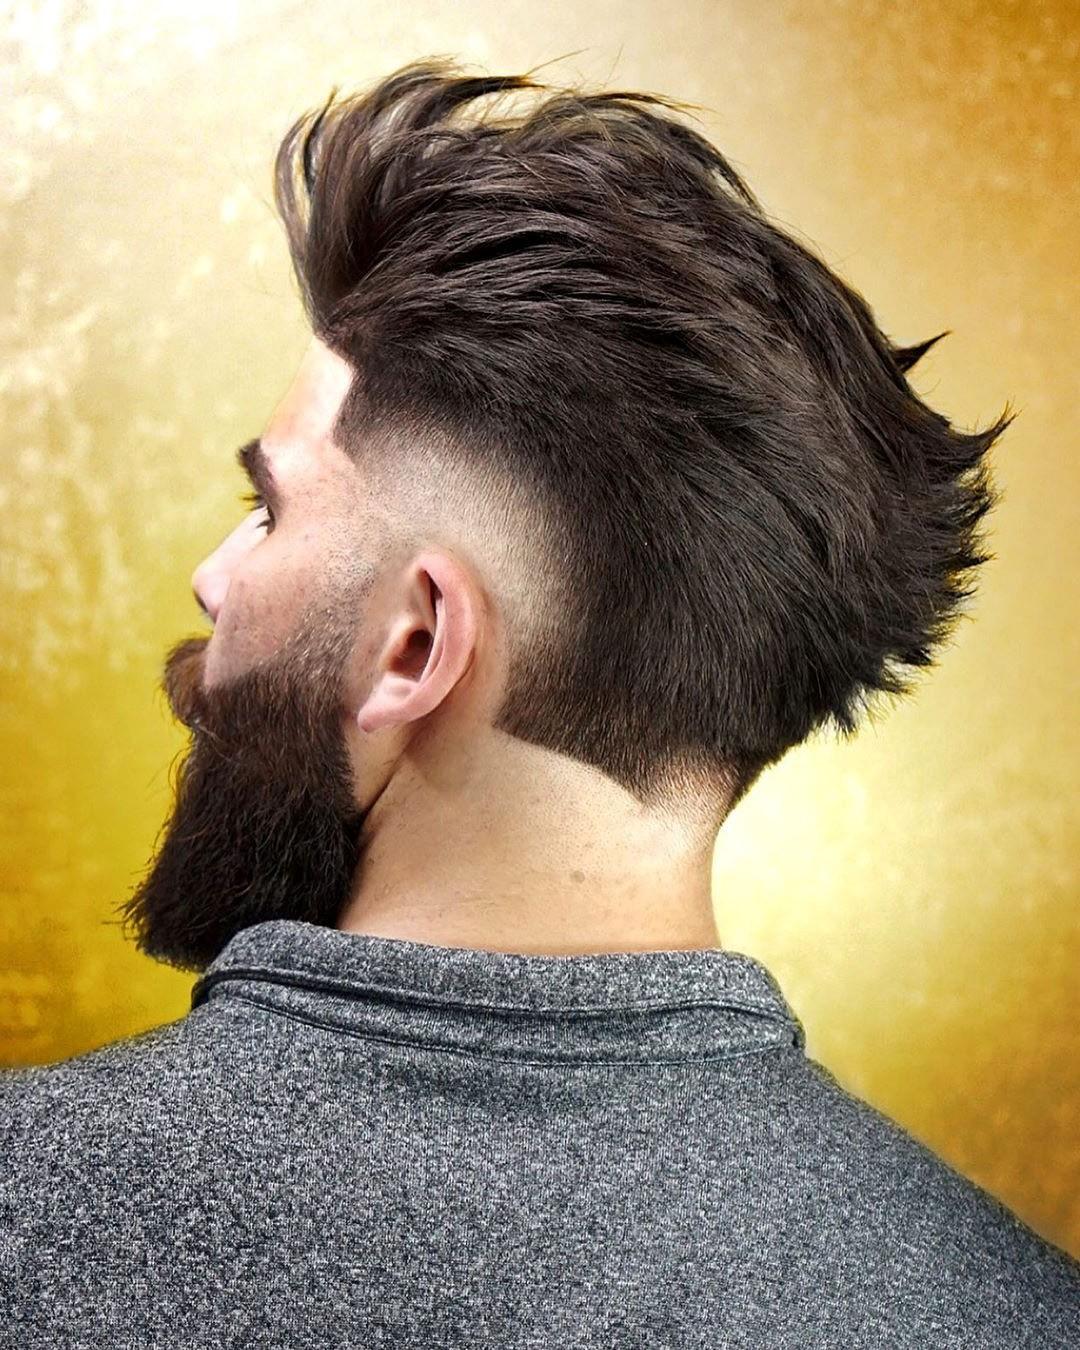 Long Brush Back Undercut Haircut with Low Fade and Full Beard